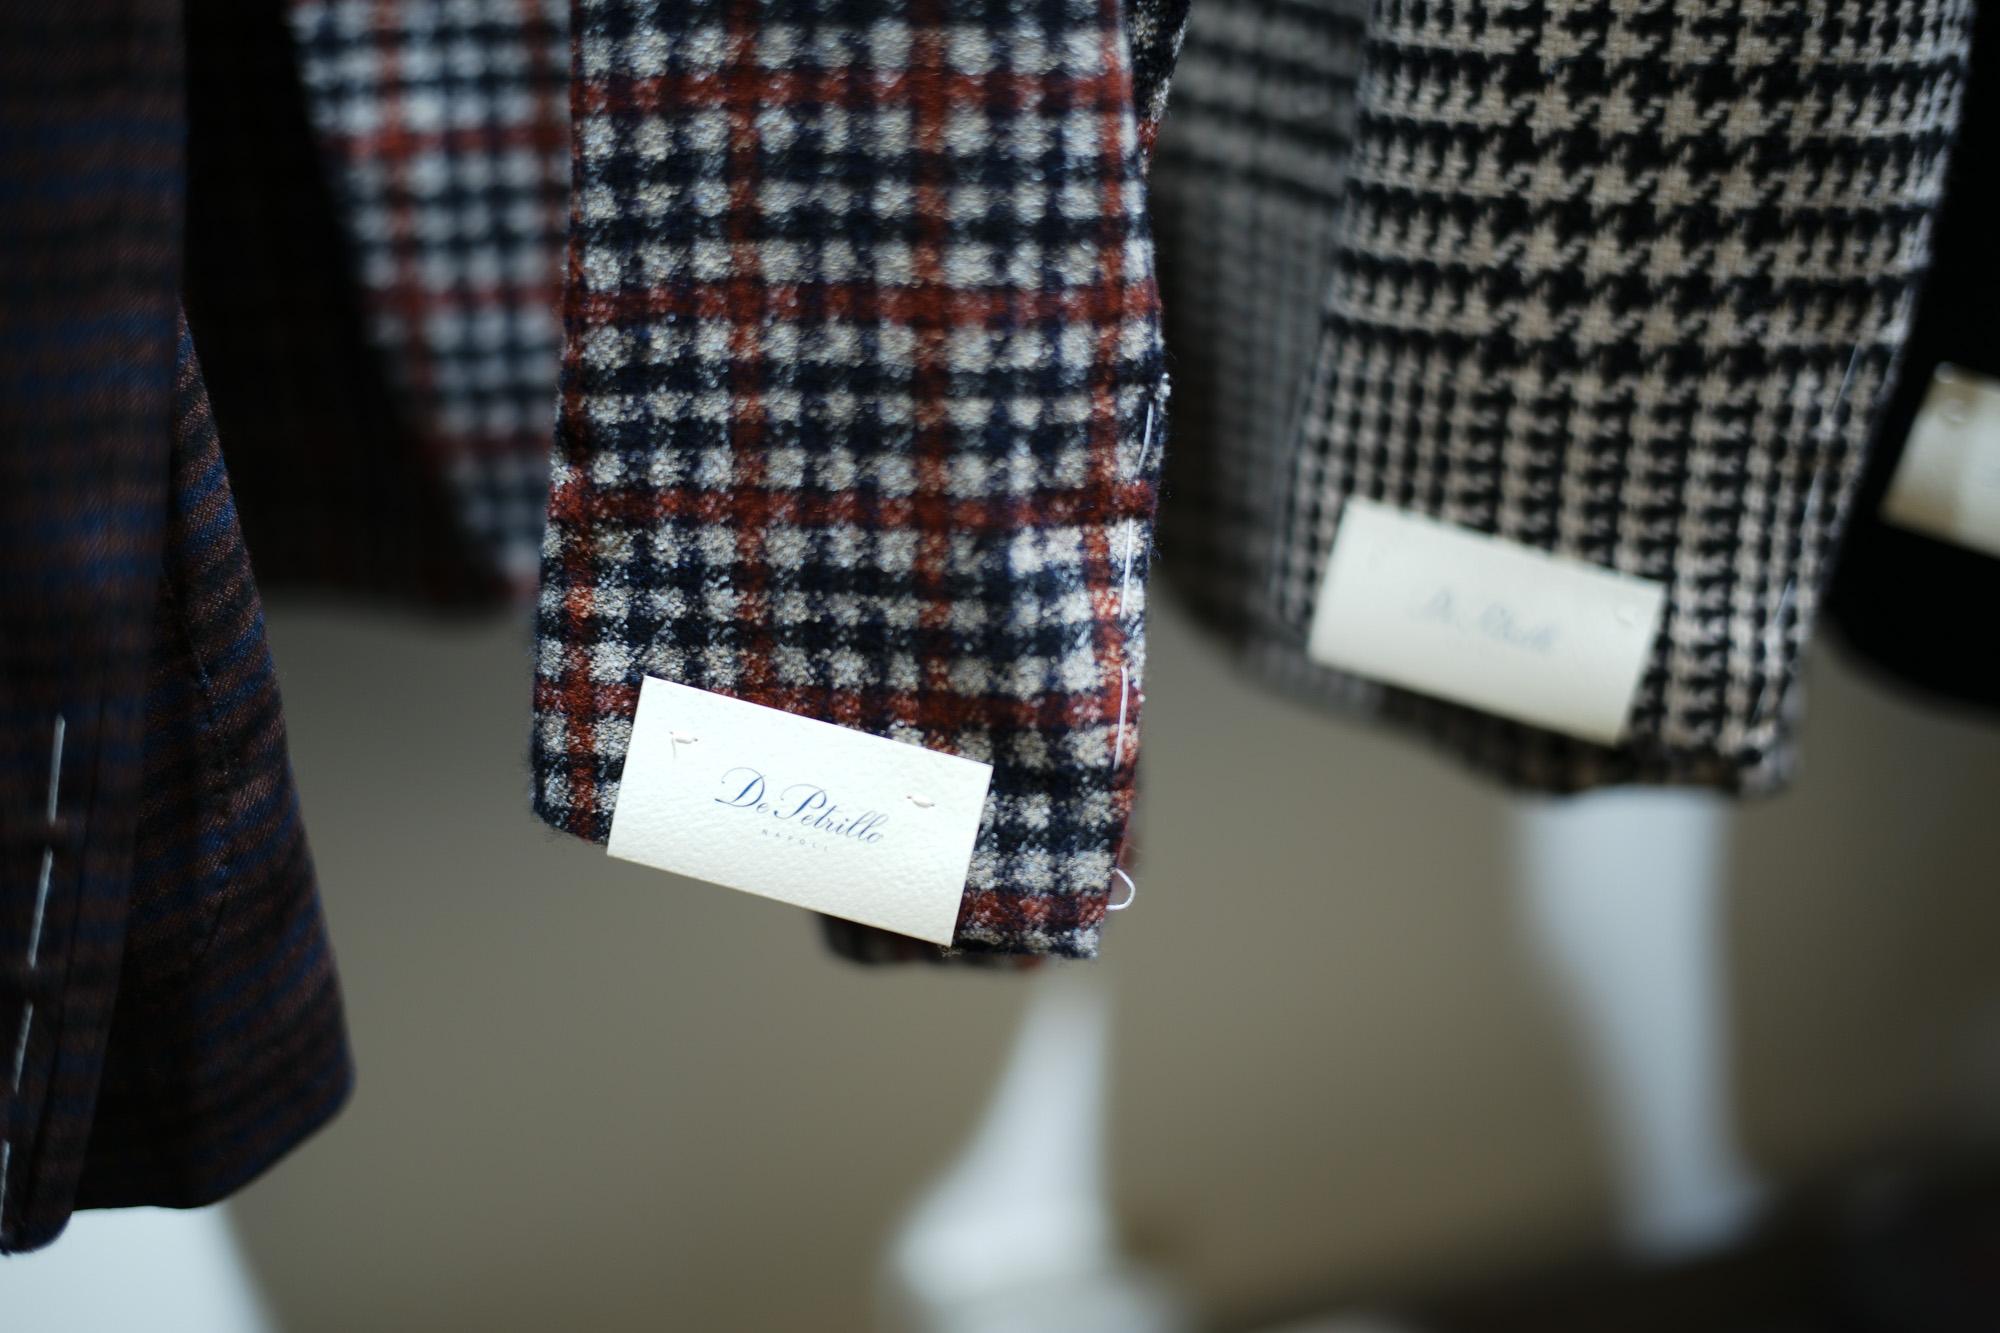 De Petrillo / デ・ペトリロ (2018 秋冬 プレ 展示会) ジャケット ダブル コート スーツ 名古屋 Alto e Diritto アルト エ デリット コーディネート